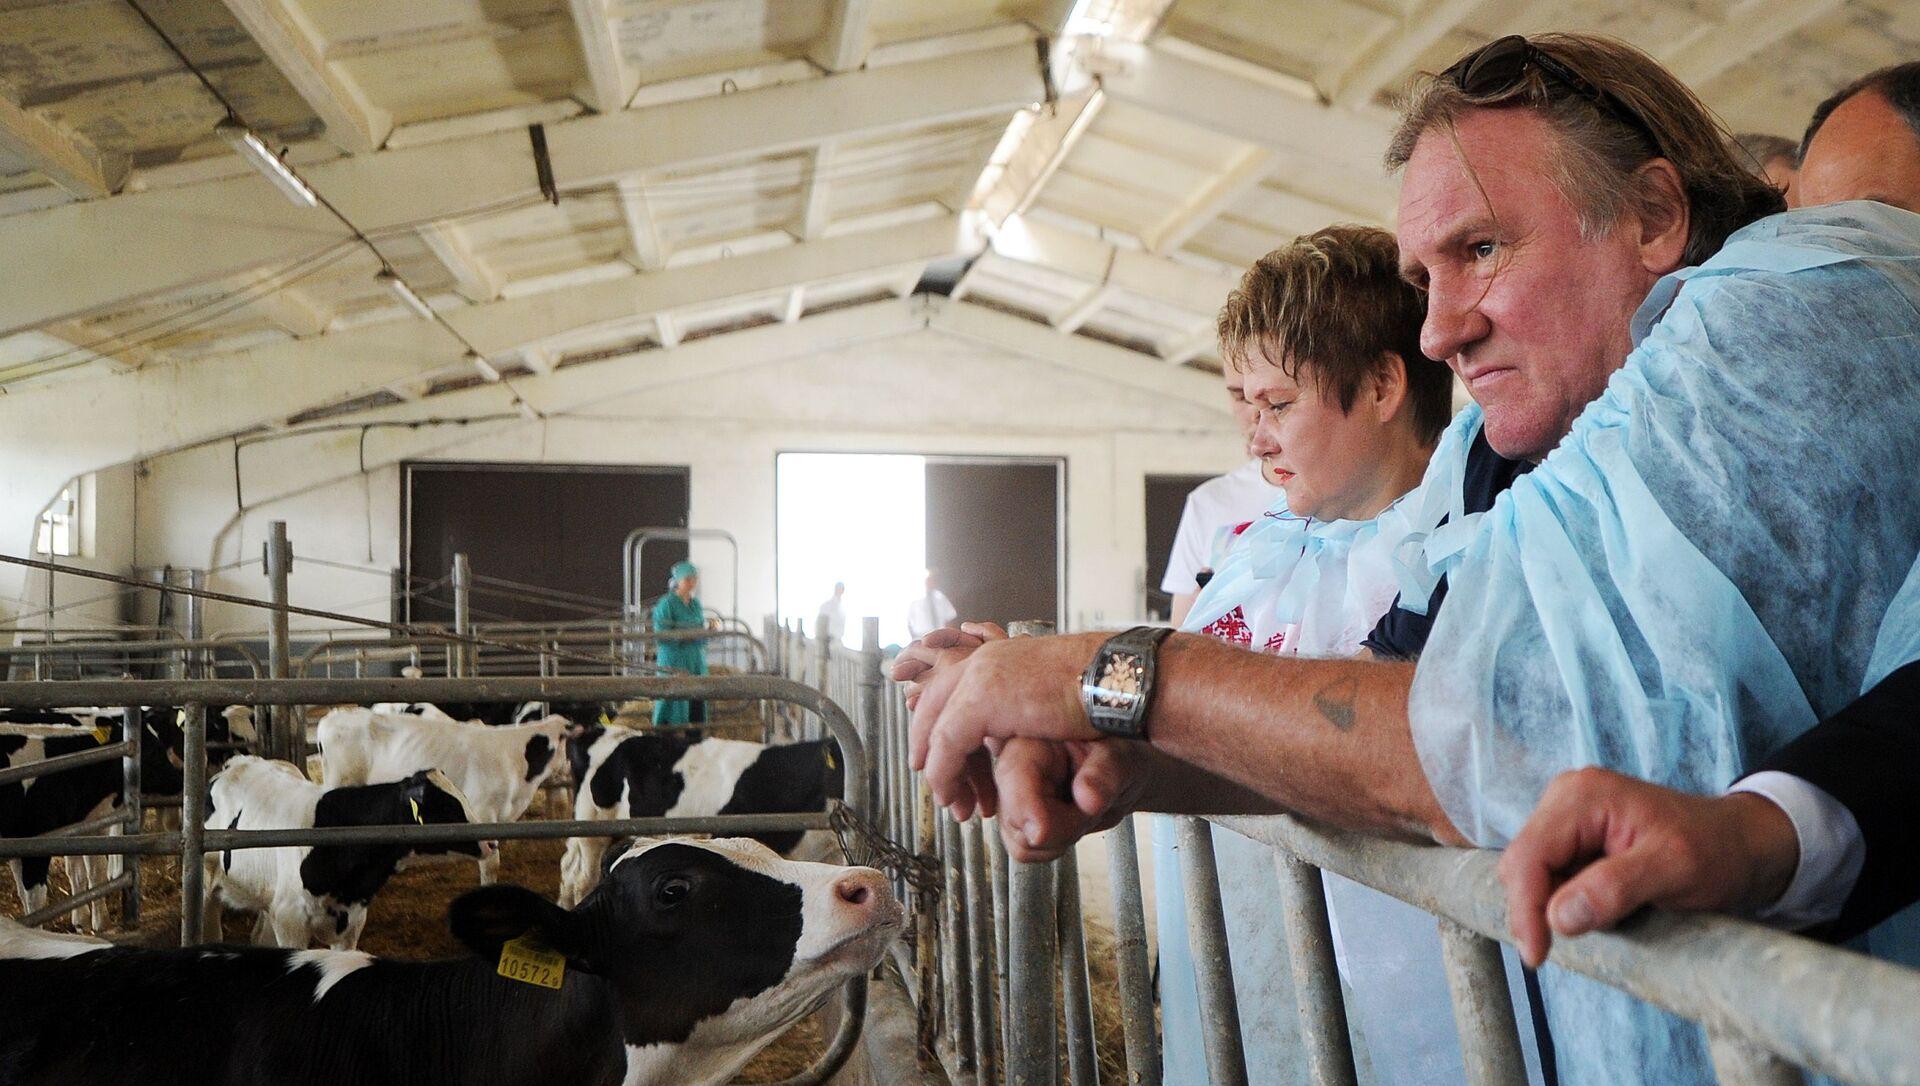 Herec Gerard Depardieu během návštěvy chovatelské farmy v Minsku. - Sputnik Česká republika, 1920, 23.02.2021